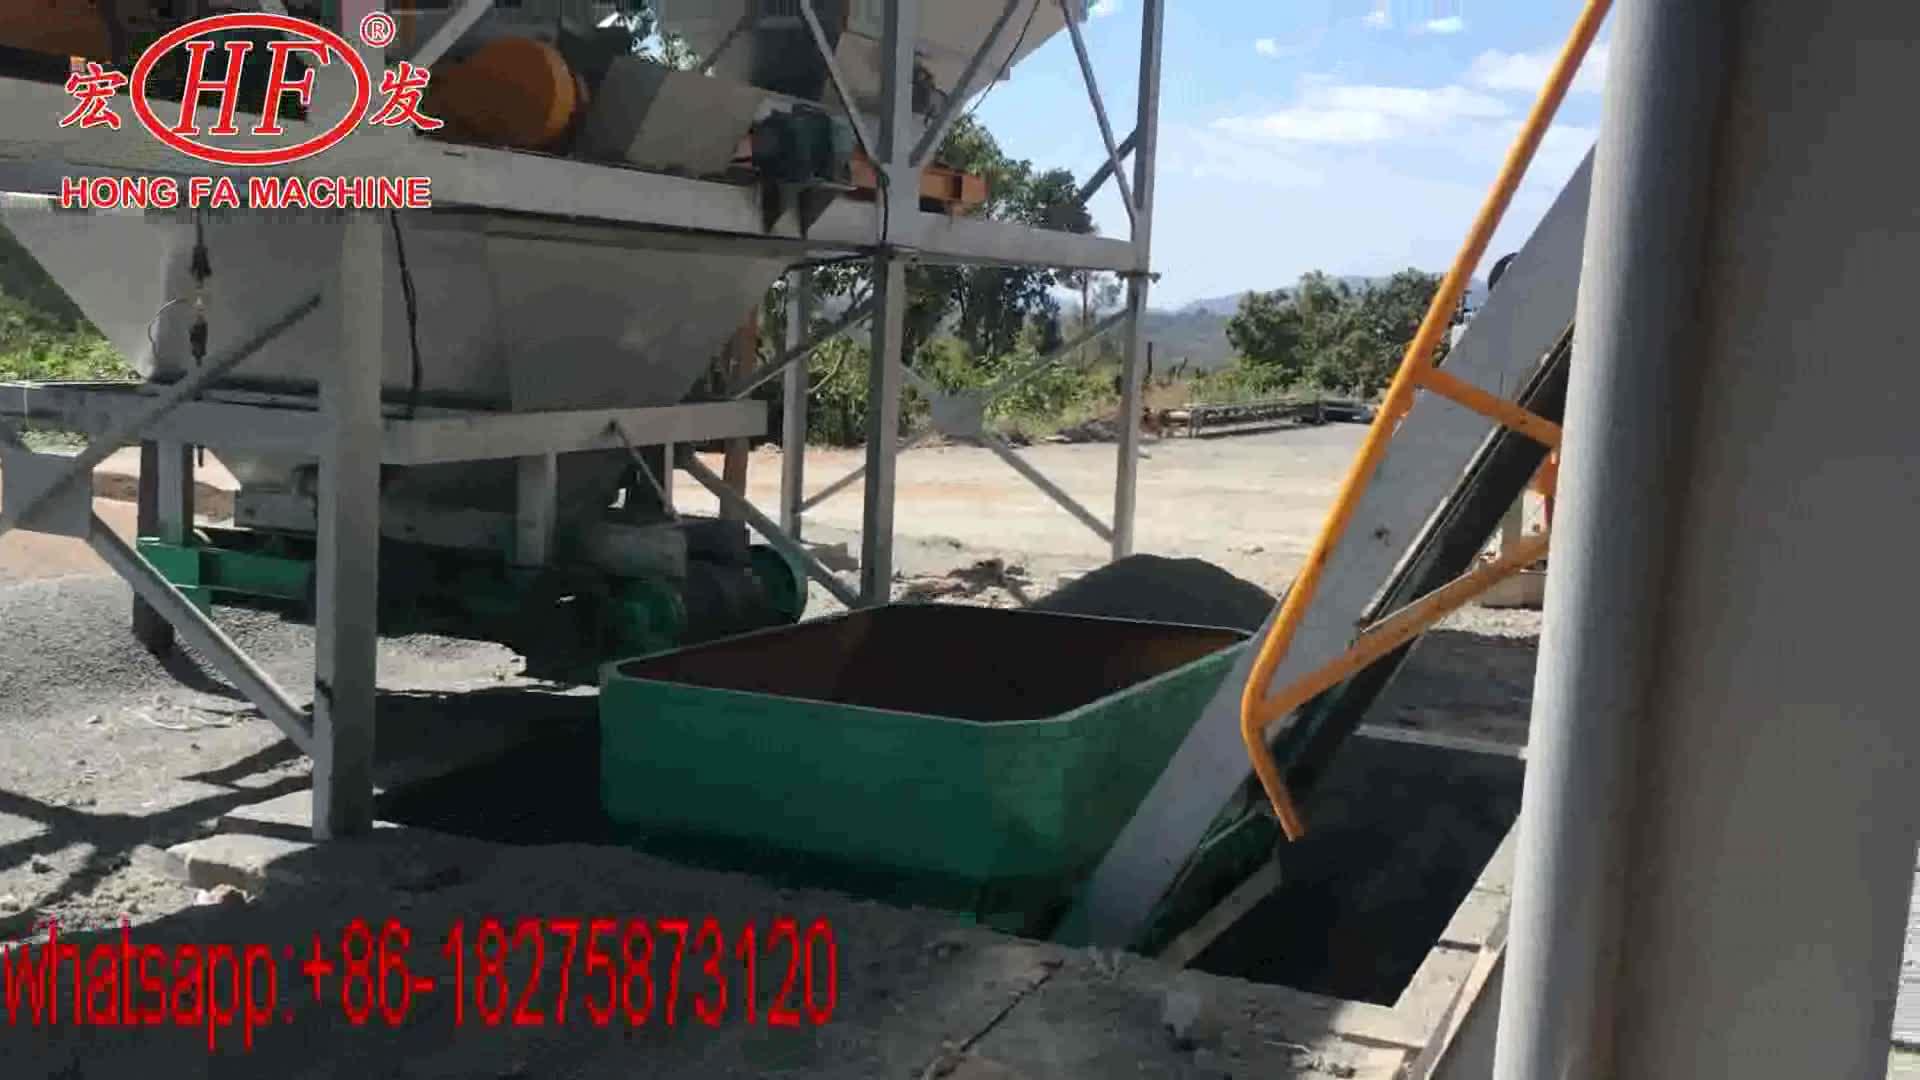 Jamaika QT10-15D güçlü blok yapma makinesi hindistan'da içi boş birbirine finişer blok yapma makinesi fiyat